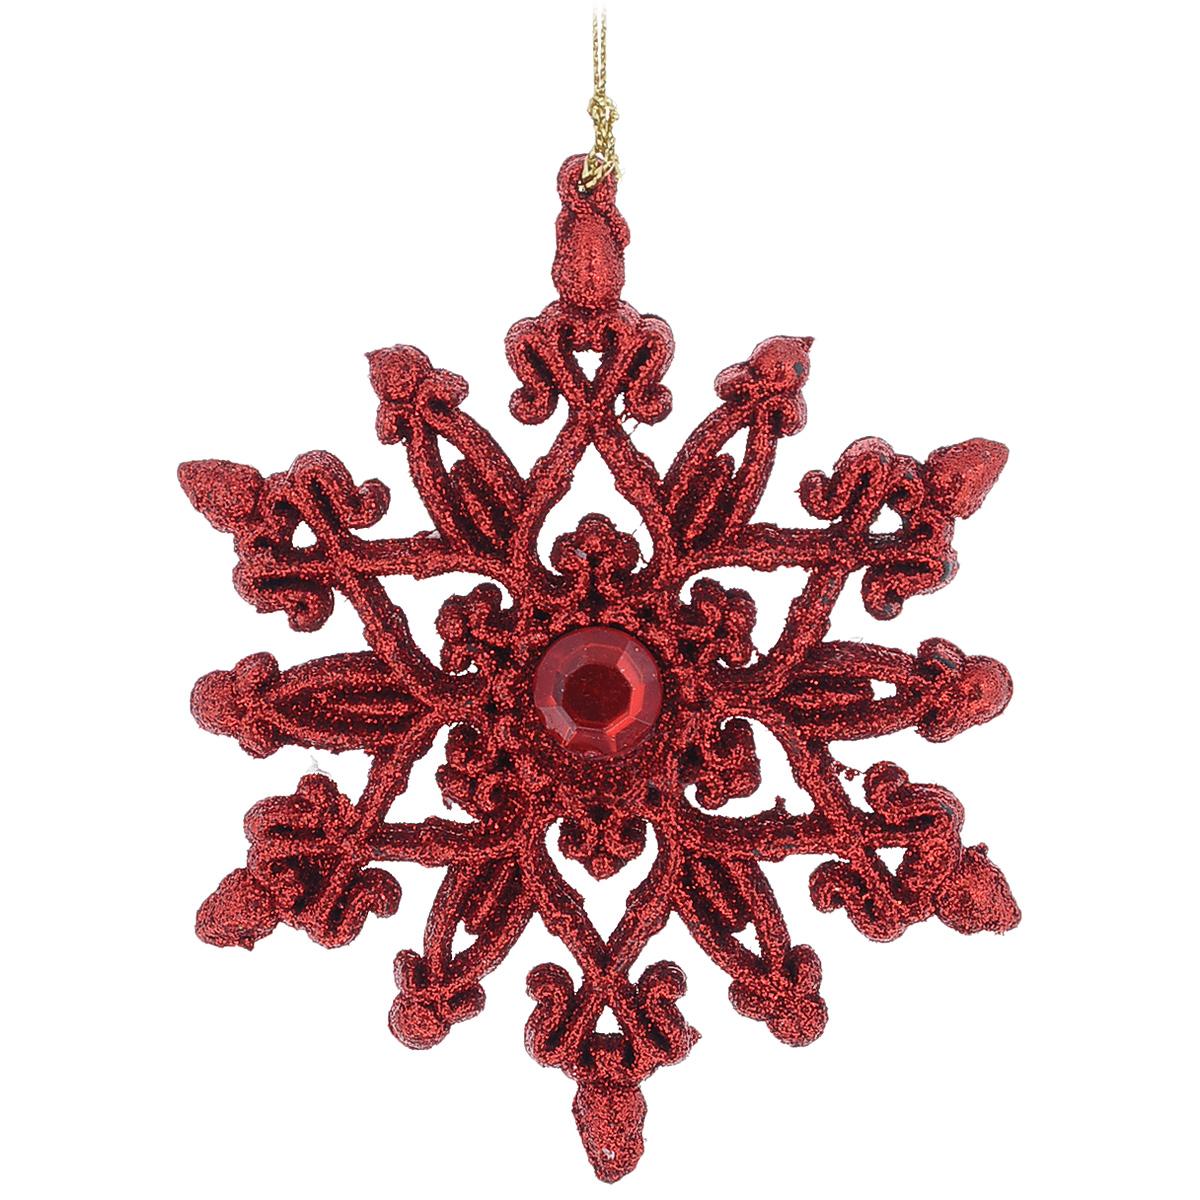 Новогоднее подвесное украшение Снежинка, цвет: красный, 10 см х 11 см35542Оригинальное новогоднее украшение из пластика прекрасно подойдет для праздничного декора дома и новогодней ели. Изделие крепится на елку с помощью металлического зажима.